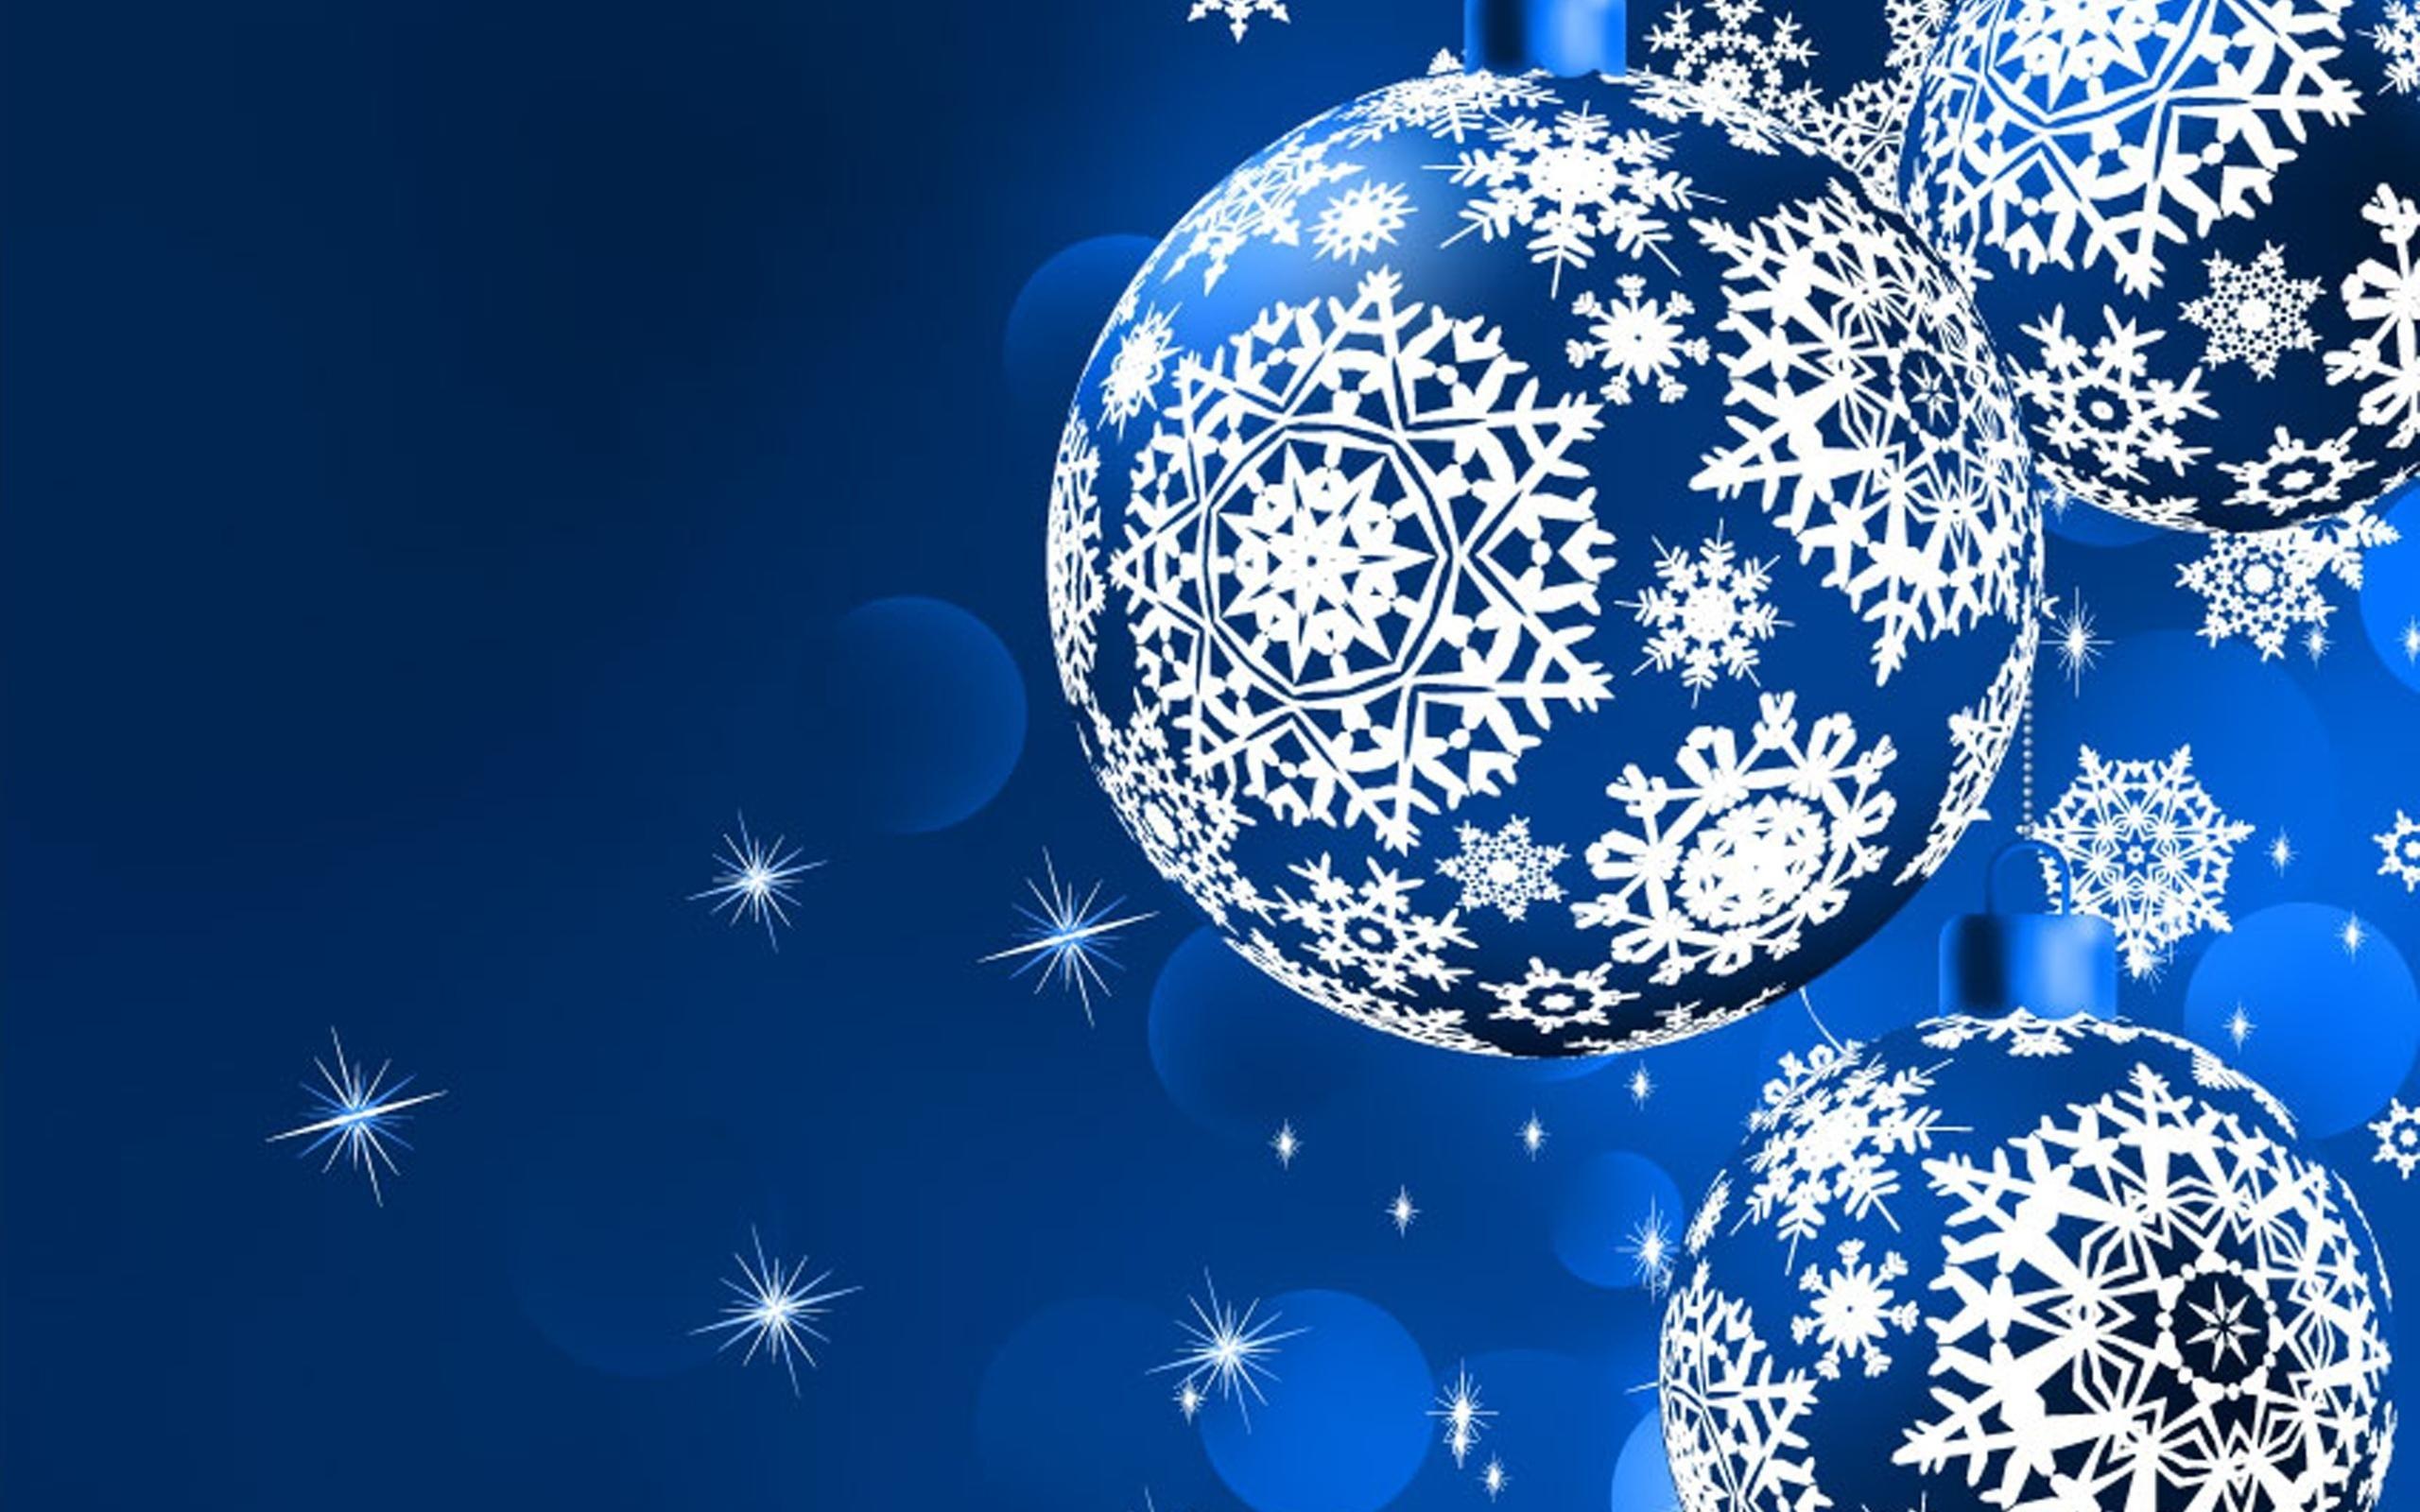 2560x1600 Download-Snowflake-Wallpaper-HD